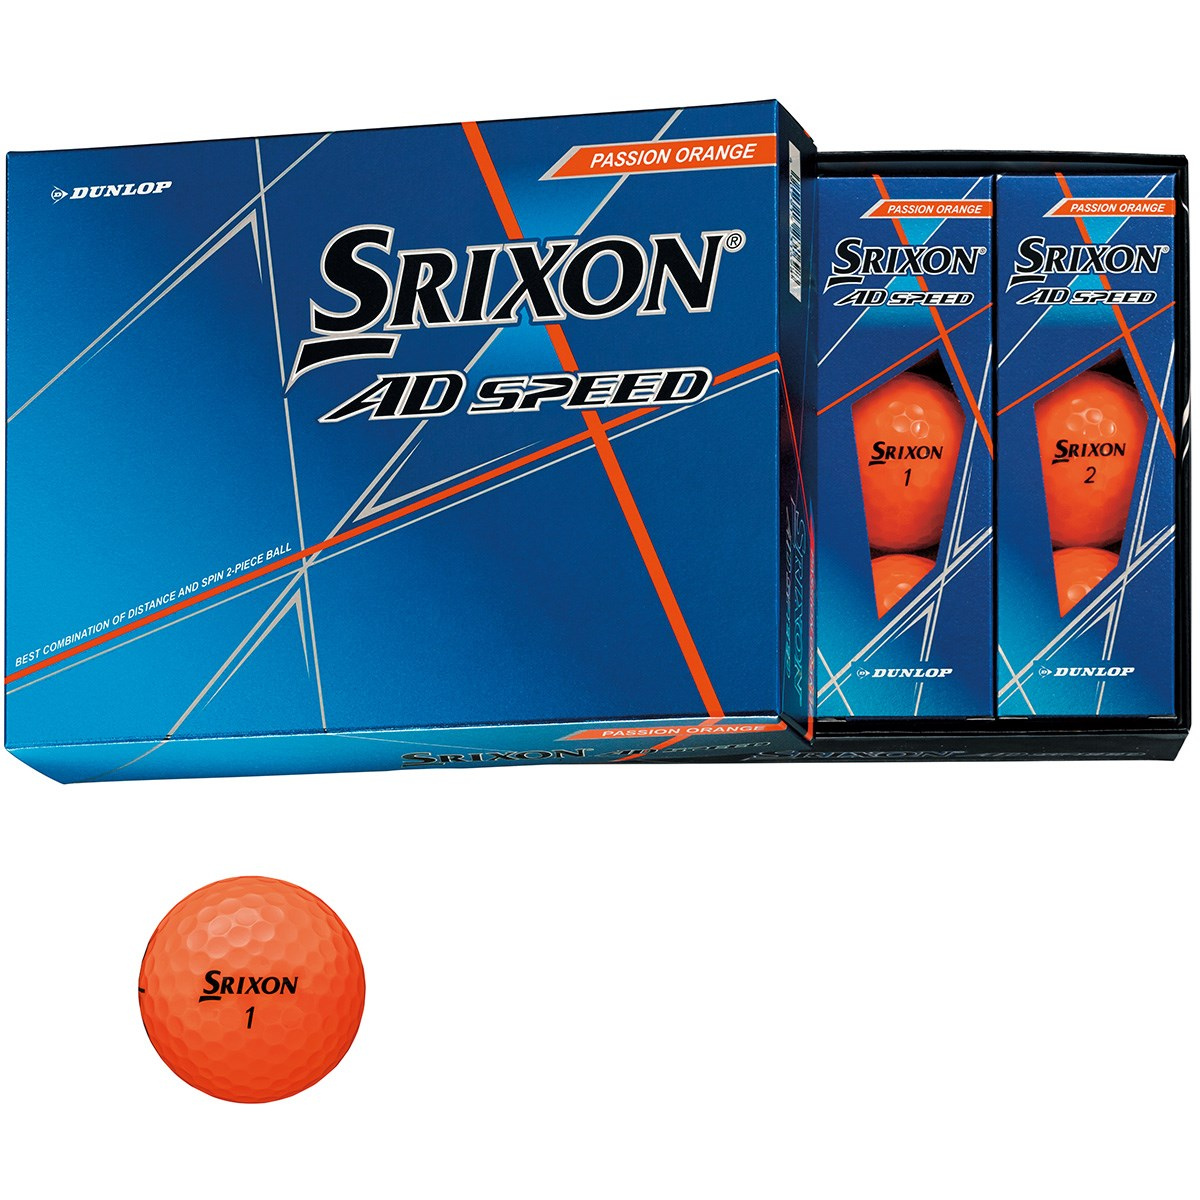 ダンロップ SRIXON スリクソン AD SPEED ボール 1ダース(12個入り) パッションオレンジ